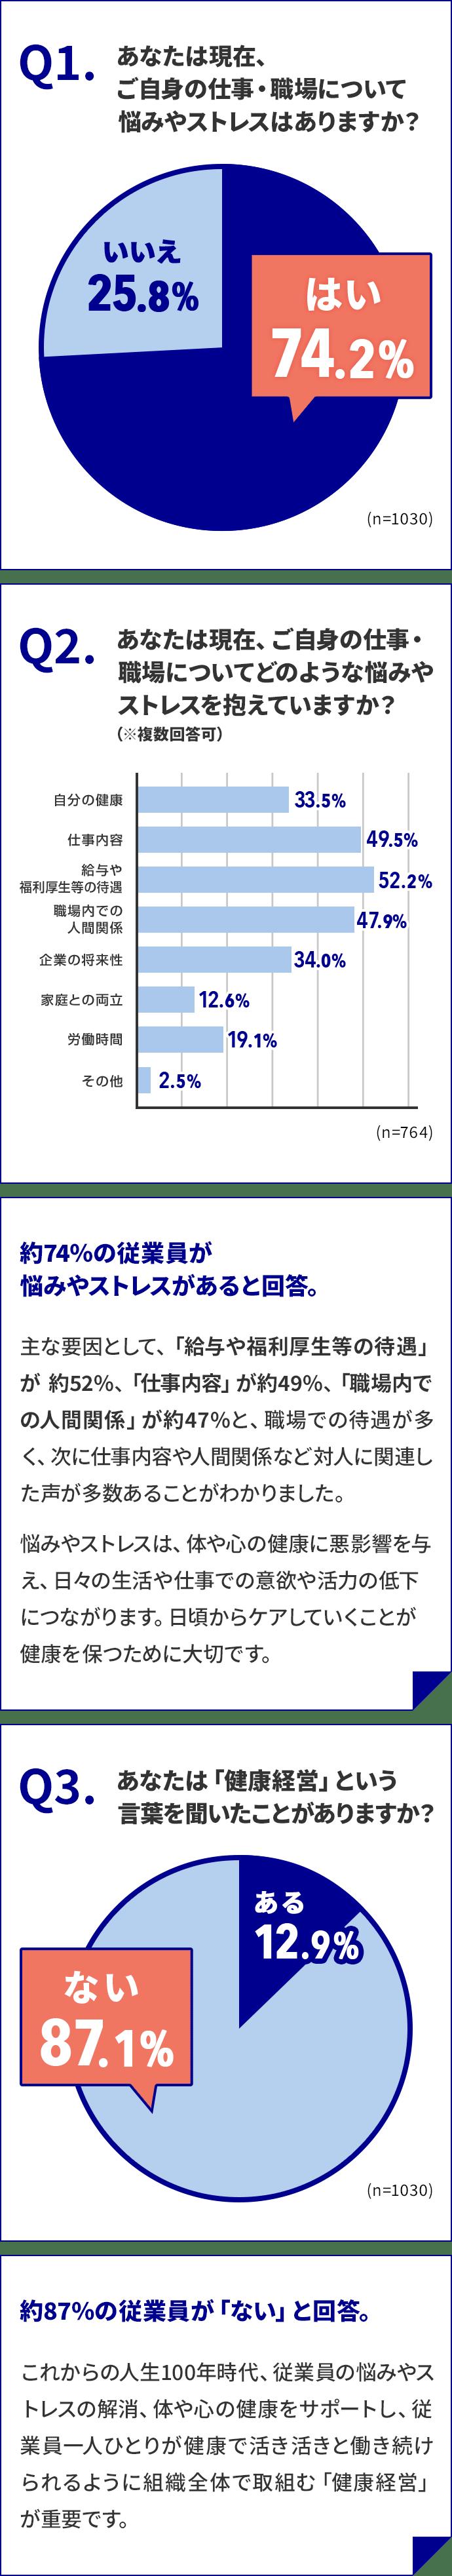 Q1.あなたは現在、ご自身の仕事・職場について悩みやストレスはありますか? はい 74.2% いいえ 25.8%。Q2.あなたは現在、ご自身の仕事・職場についてどのような悩みやストレスを抱えていますか?(※複数回答可)自分の健康 33.5% 仕事内容 49.5% 給与や福利厚生等の待遇 52.2% 職場内での人間関係 47.9% 企業の将来性 34.0% 家庭との両立 12.6% 労働時間 19.1% その他 2.5%。約74%の従業員が悩みやストレスがあると回答。主な要因として、「給与や福利厚生等の待遇」が 約52%、「仕事内容」が約49%、「職場内での人間関係」が約47%と、職場での待遇が多く、次に仕事内容や人間関係など対人に関連した声が多数あることがわかりました。悩みやストレスは、体や心の健康に悪影響を与え、日々の生活や仕事での意欲や活力の低下につながります。日頃からケアしていくことが健康を保つために大切です。 Q3.あなたは『健康経営』という言葉を聞いたことがありますか? ある12.9% ない87.1%。約87%の従業員が「ない」と回答。これからの人生100年時代、従業員の悩みやストレスの解消、体や心の健康をサポートし、従業員一人ひとりが健康で活き活きと働き続けられるように組織全体で取組む『健康経営』が重要です。